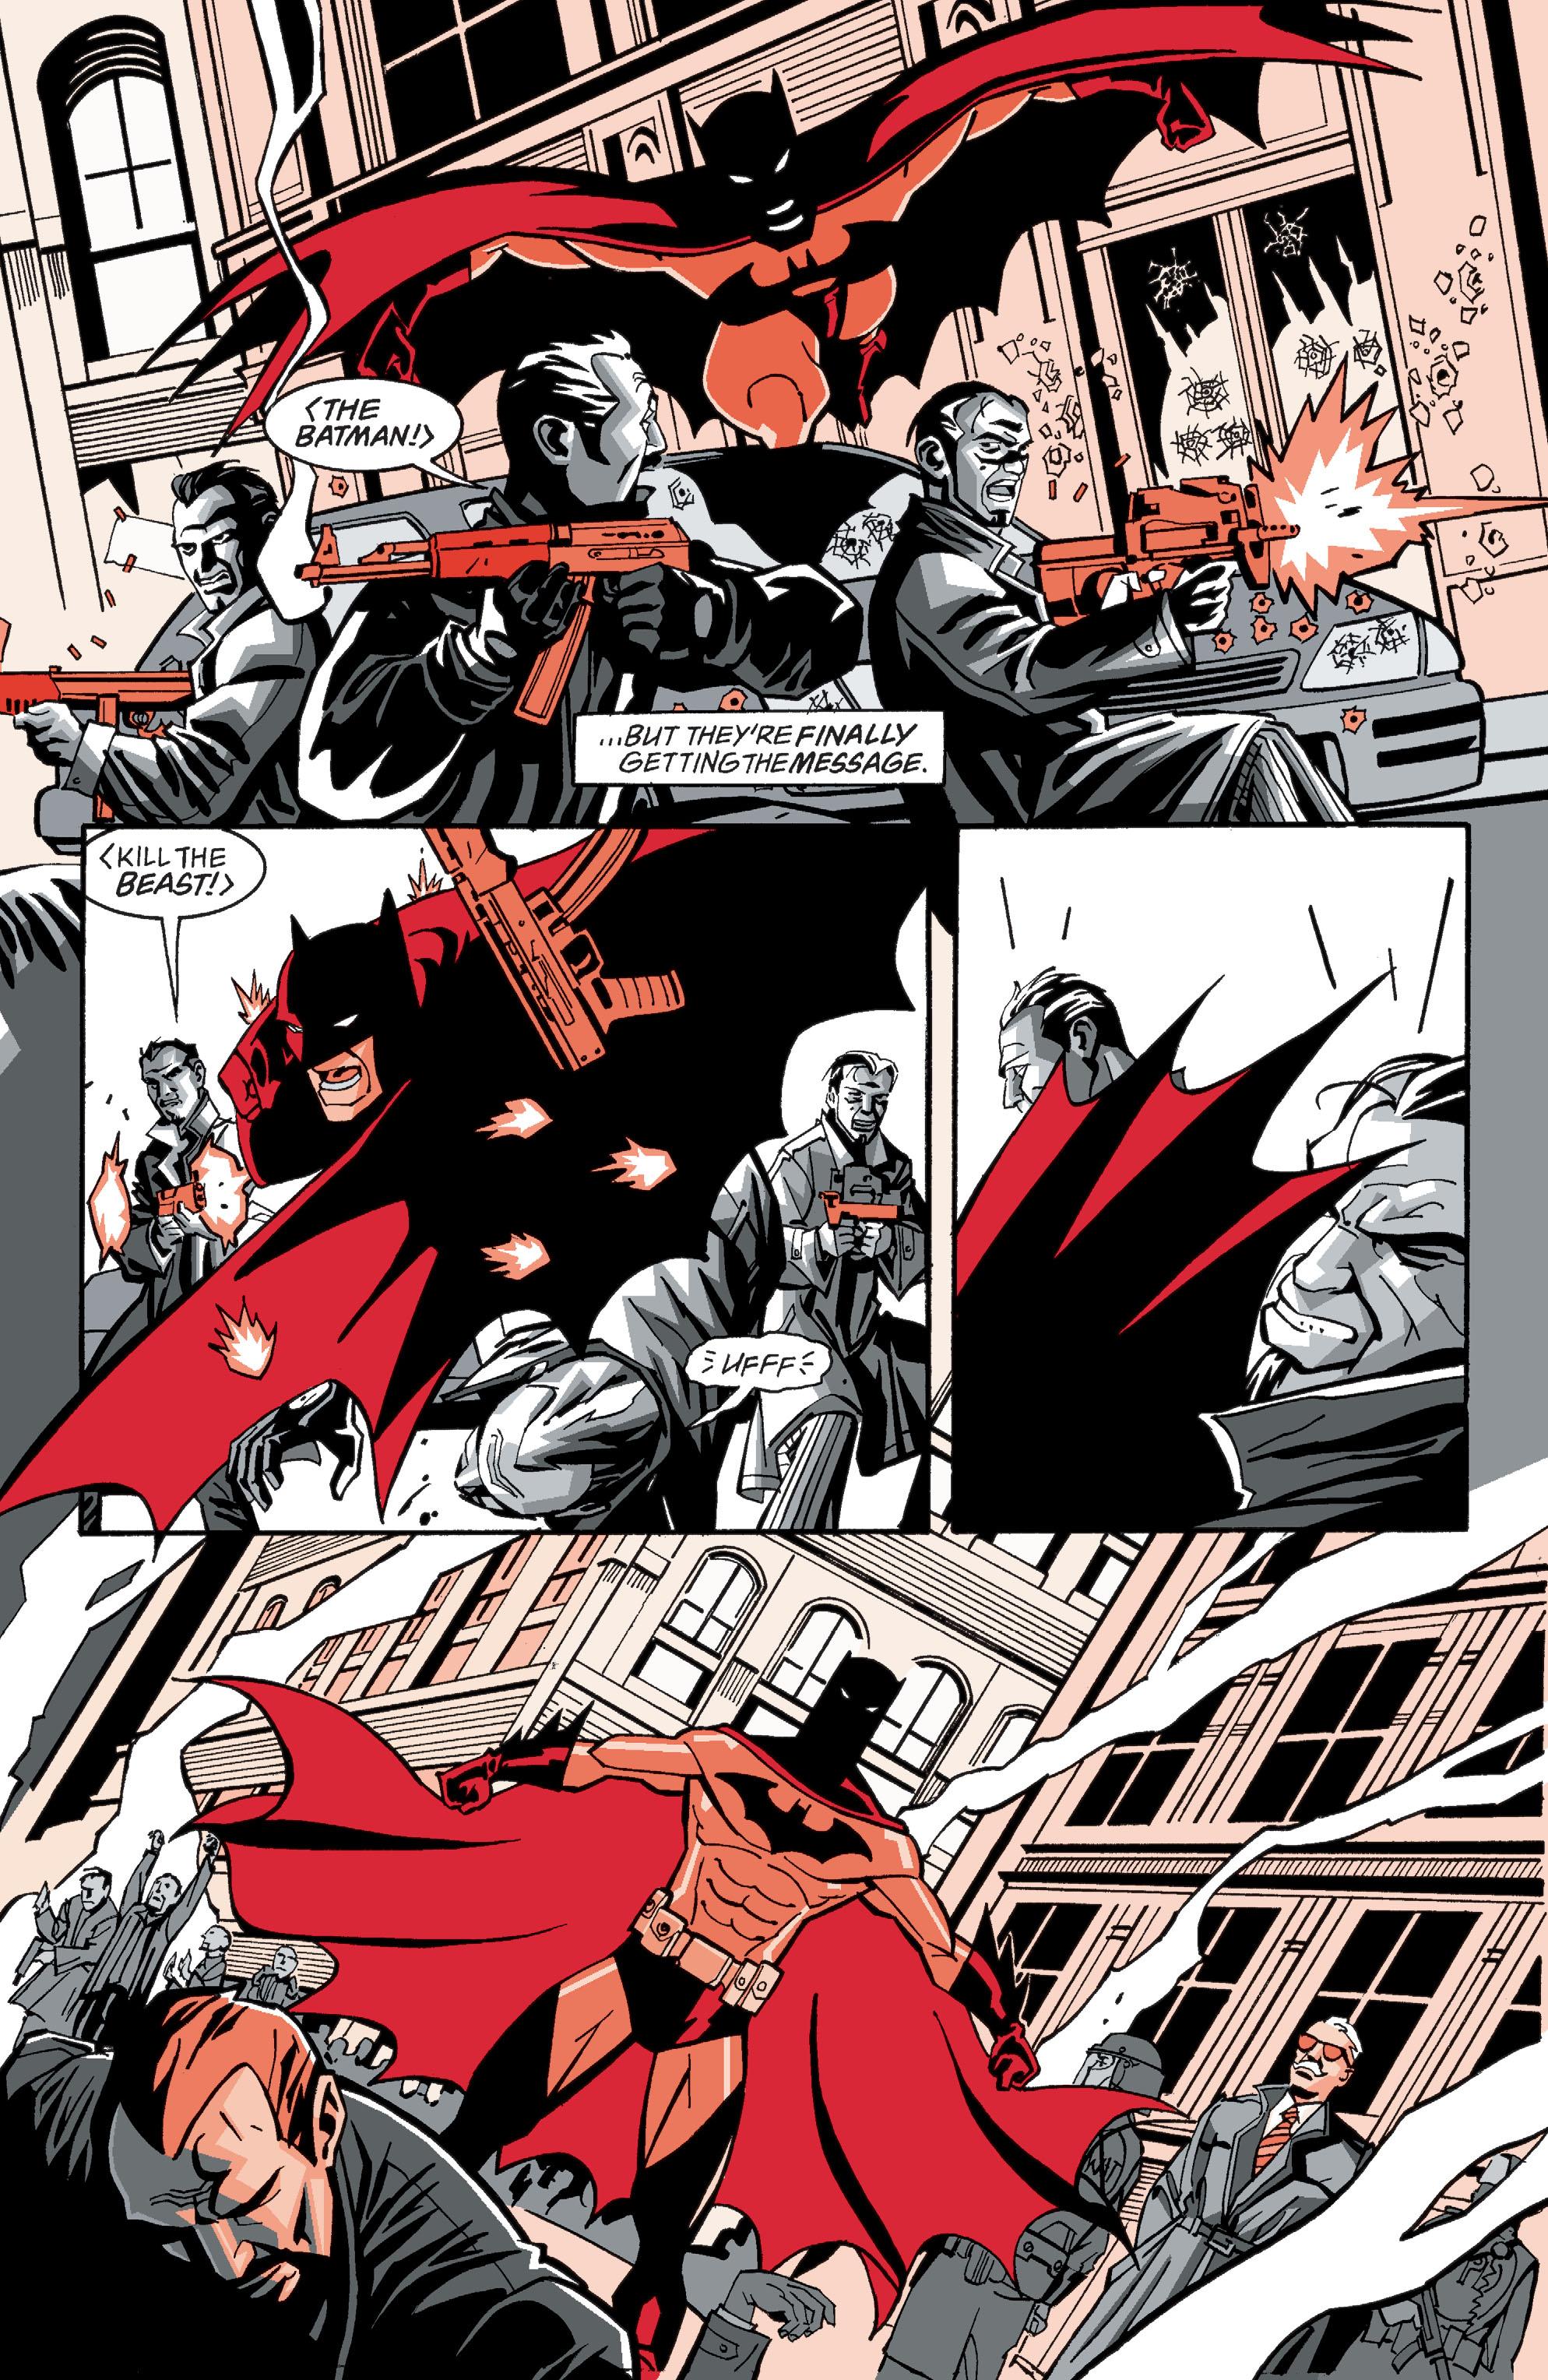 蝙蝠侠:新哥谭(2017): Chapter 1 - Page 蝙蝠侠:新哥谭(2017)